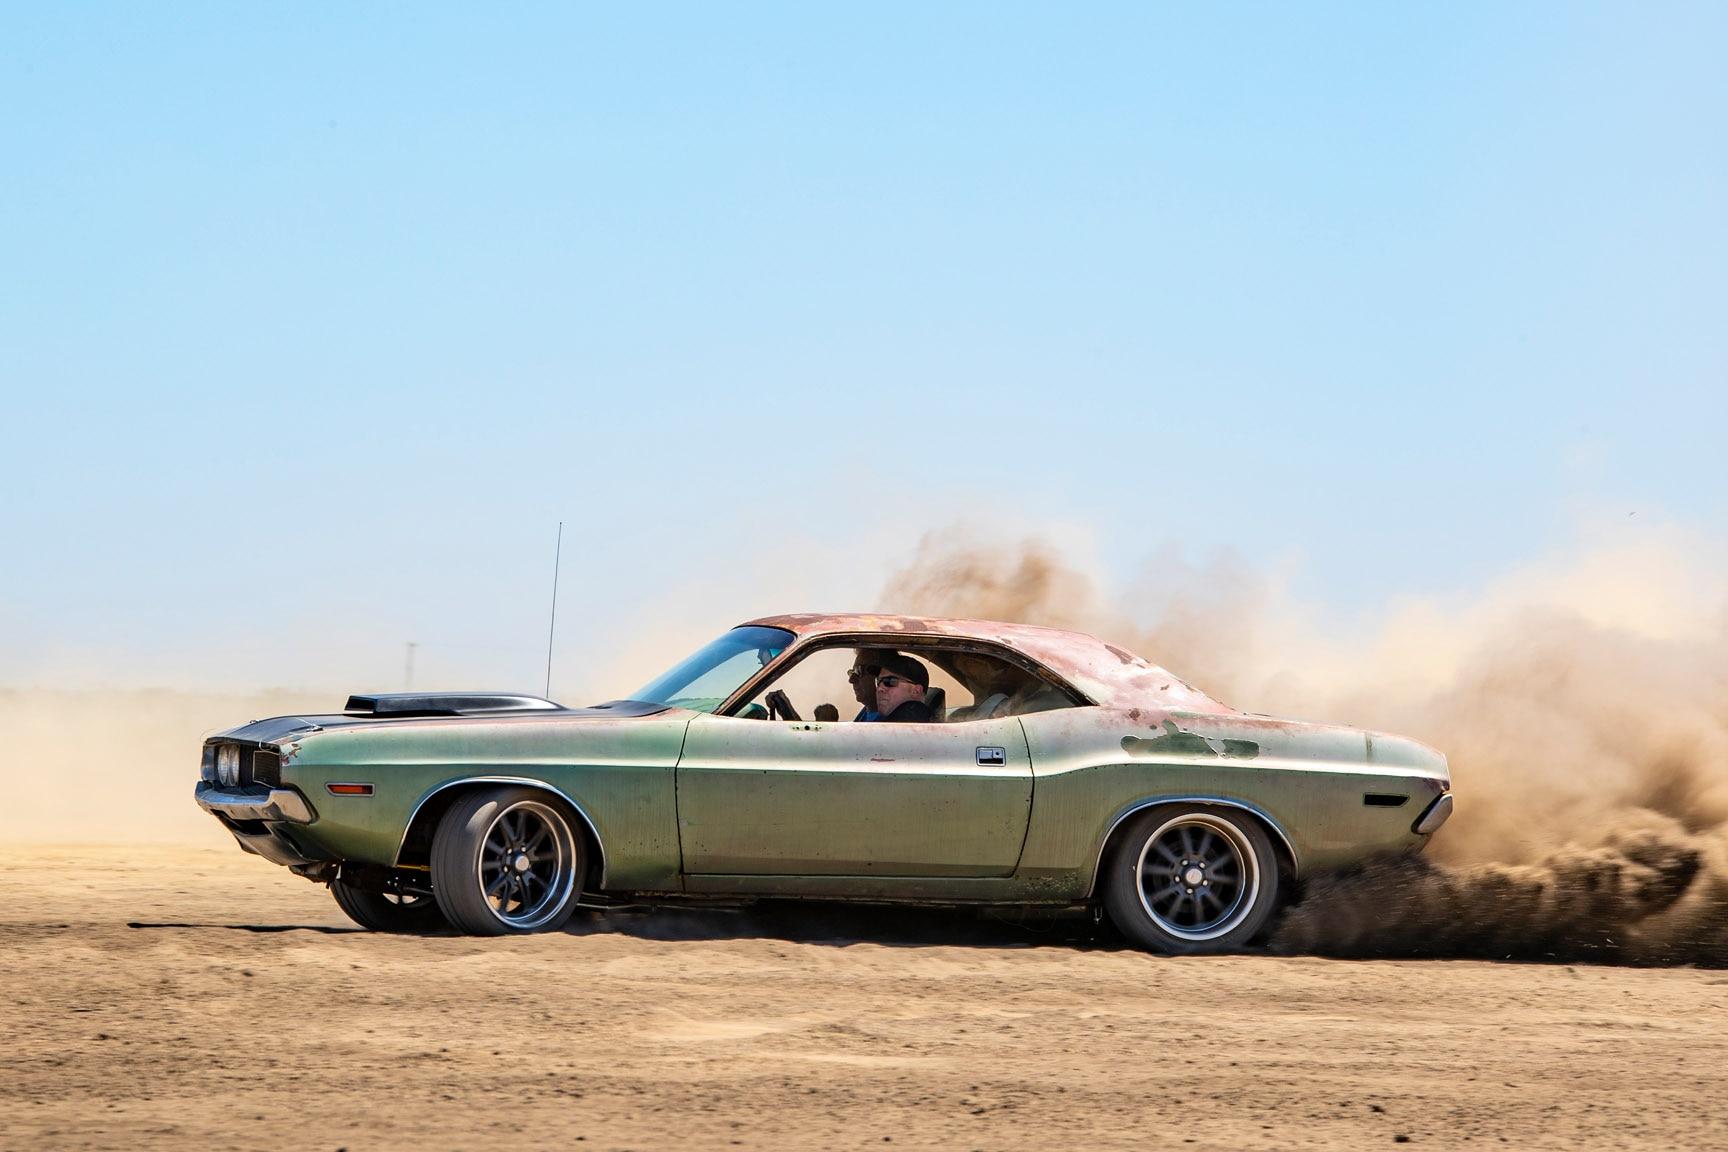 1970 Dodge Challenger Gets Budget Handling Upgrades